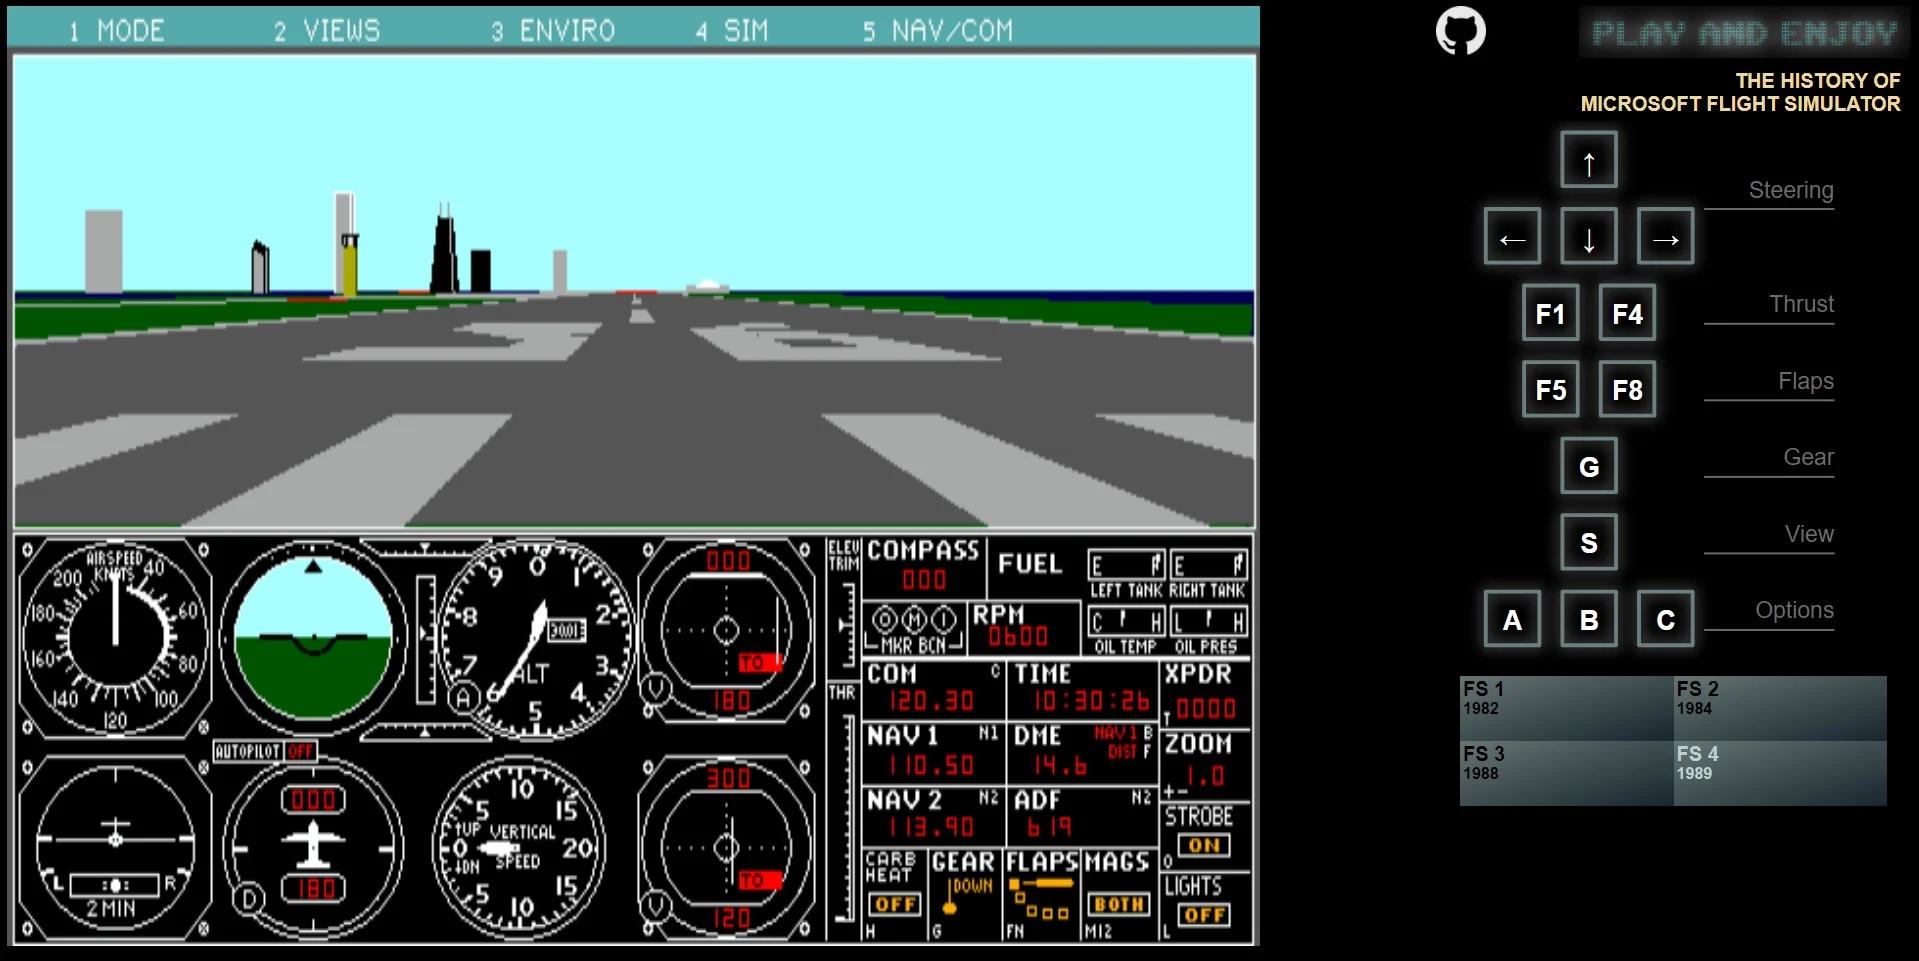 Microsoft Flight Simulator 1982 Tarayıcı İle Oynanabilir Hale Geldi !